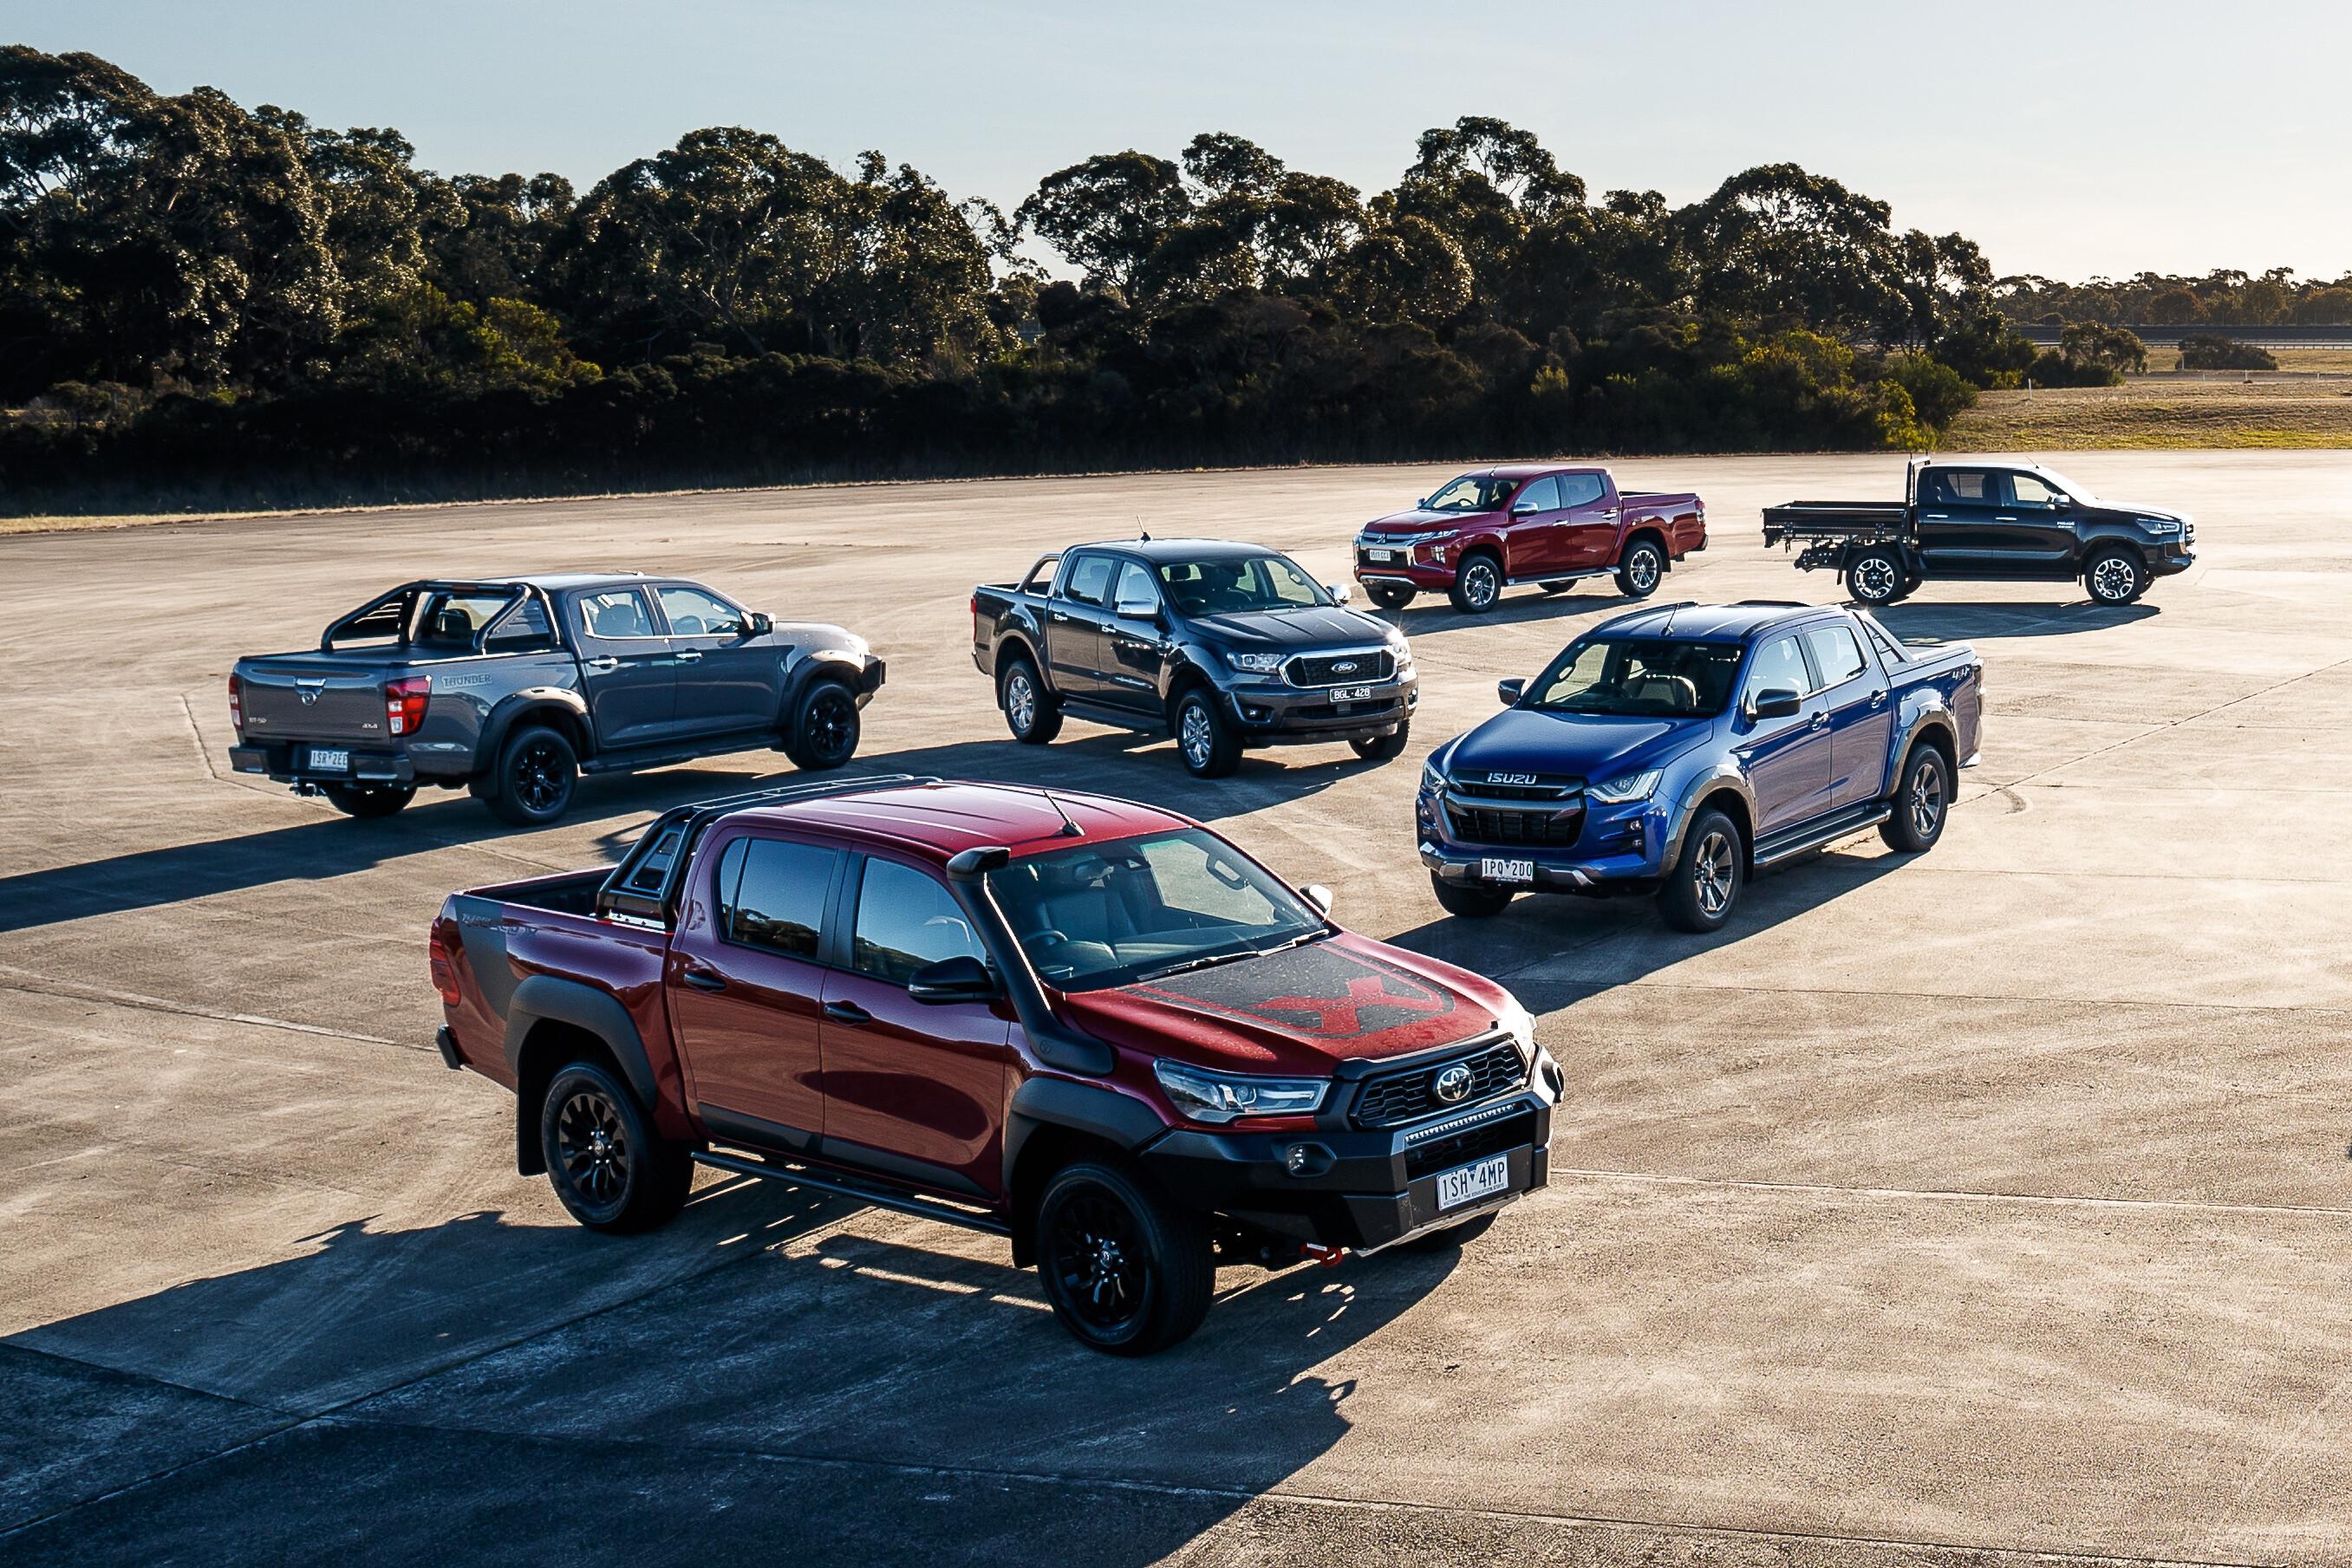 2021 Ford Ranger XLT vs Isuzu D-Max X-Terrain vs Mitsubishi Triton GLS vs Nissan Navara ST-X vs Toyota Hilux SR5 comparison